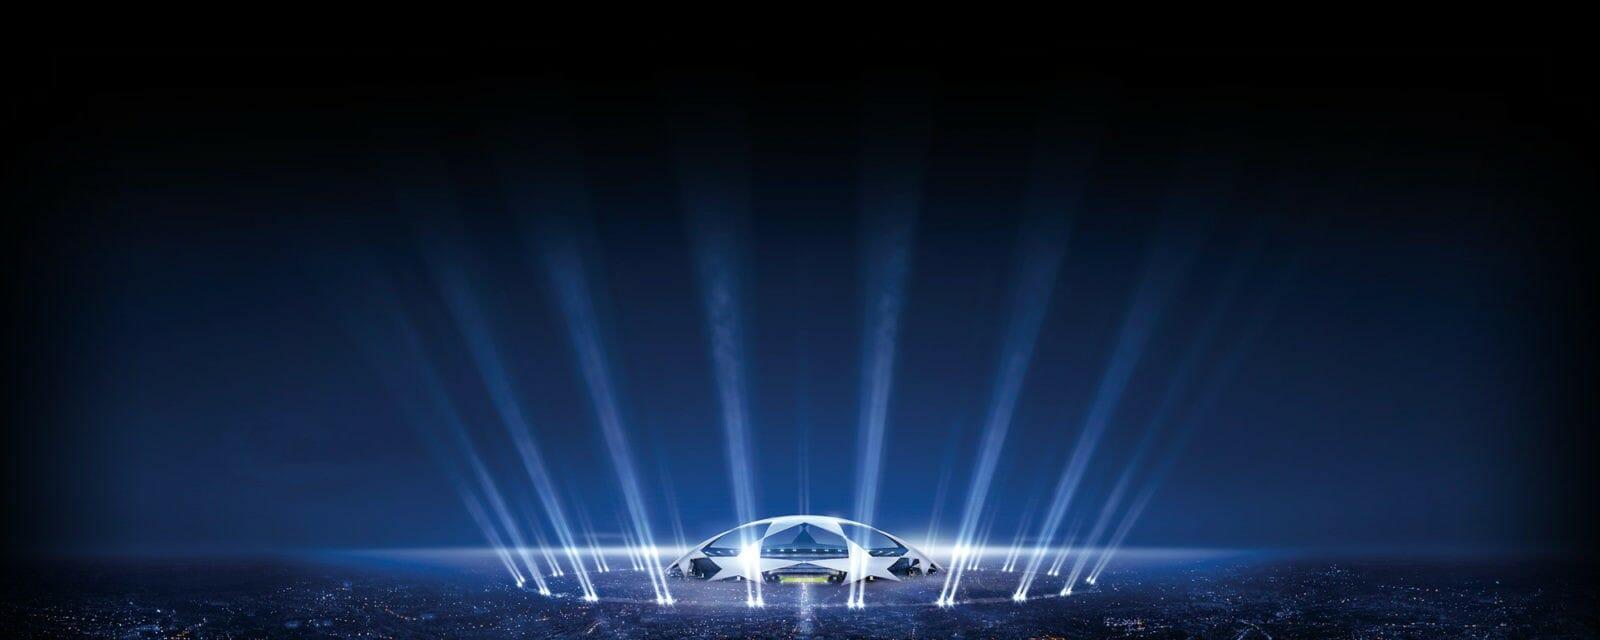 I nuovi orari in Champions League ed Europa League per la stagione 2018/19